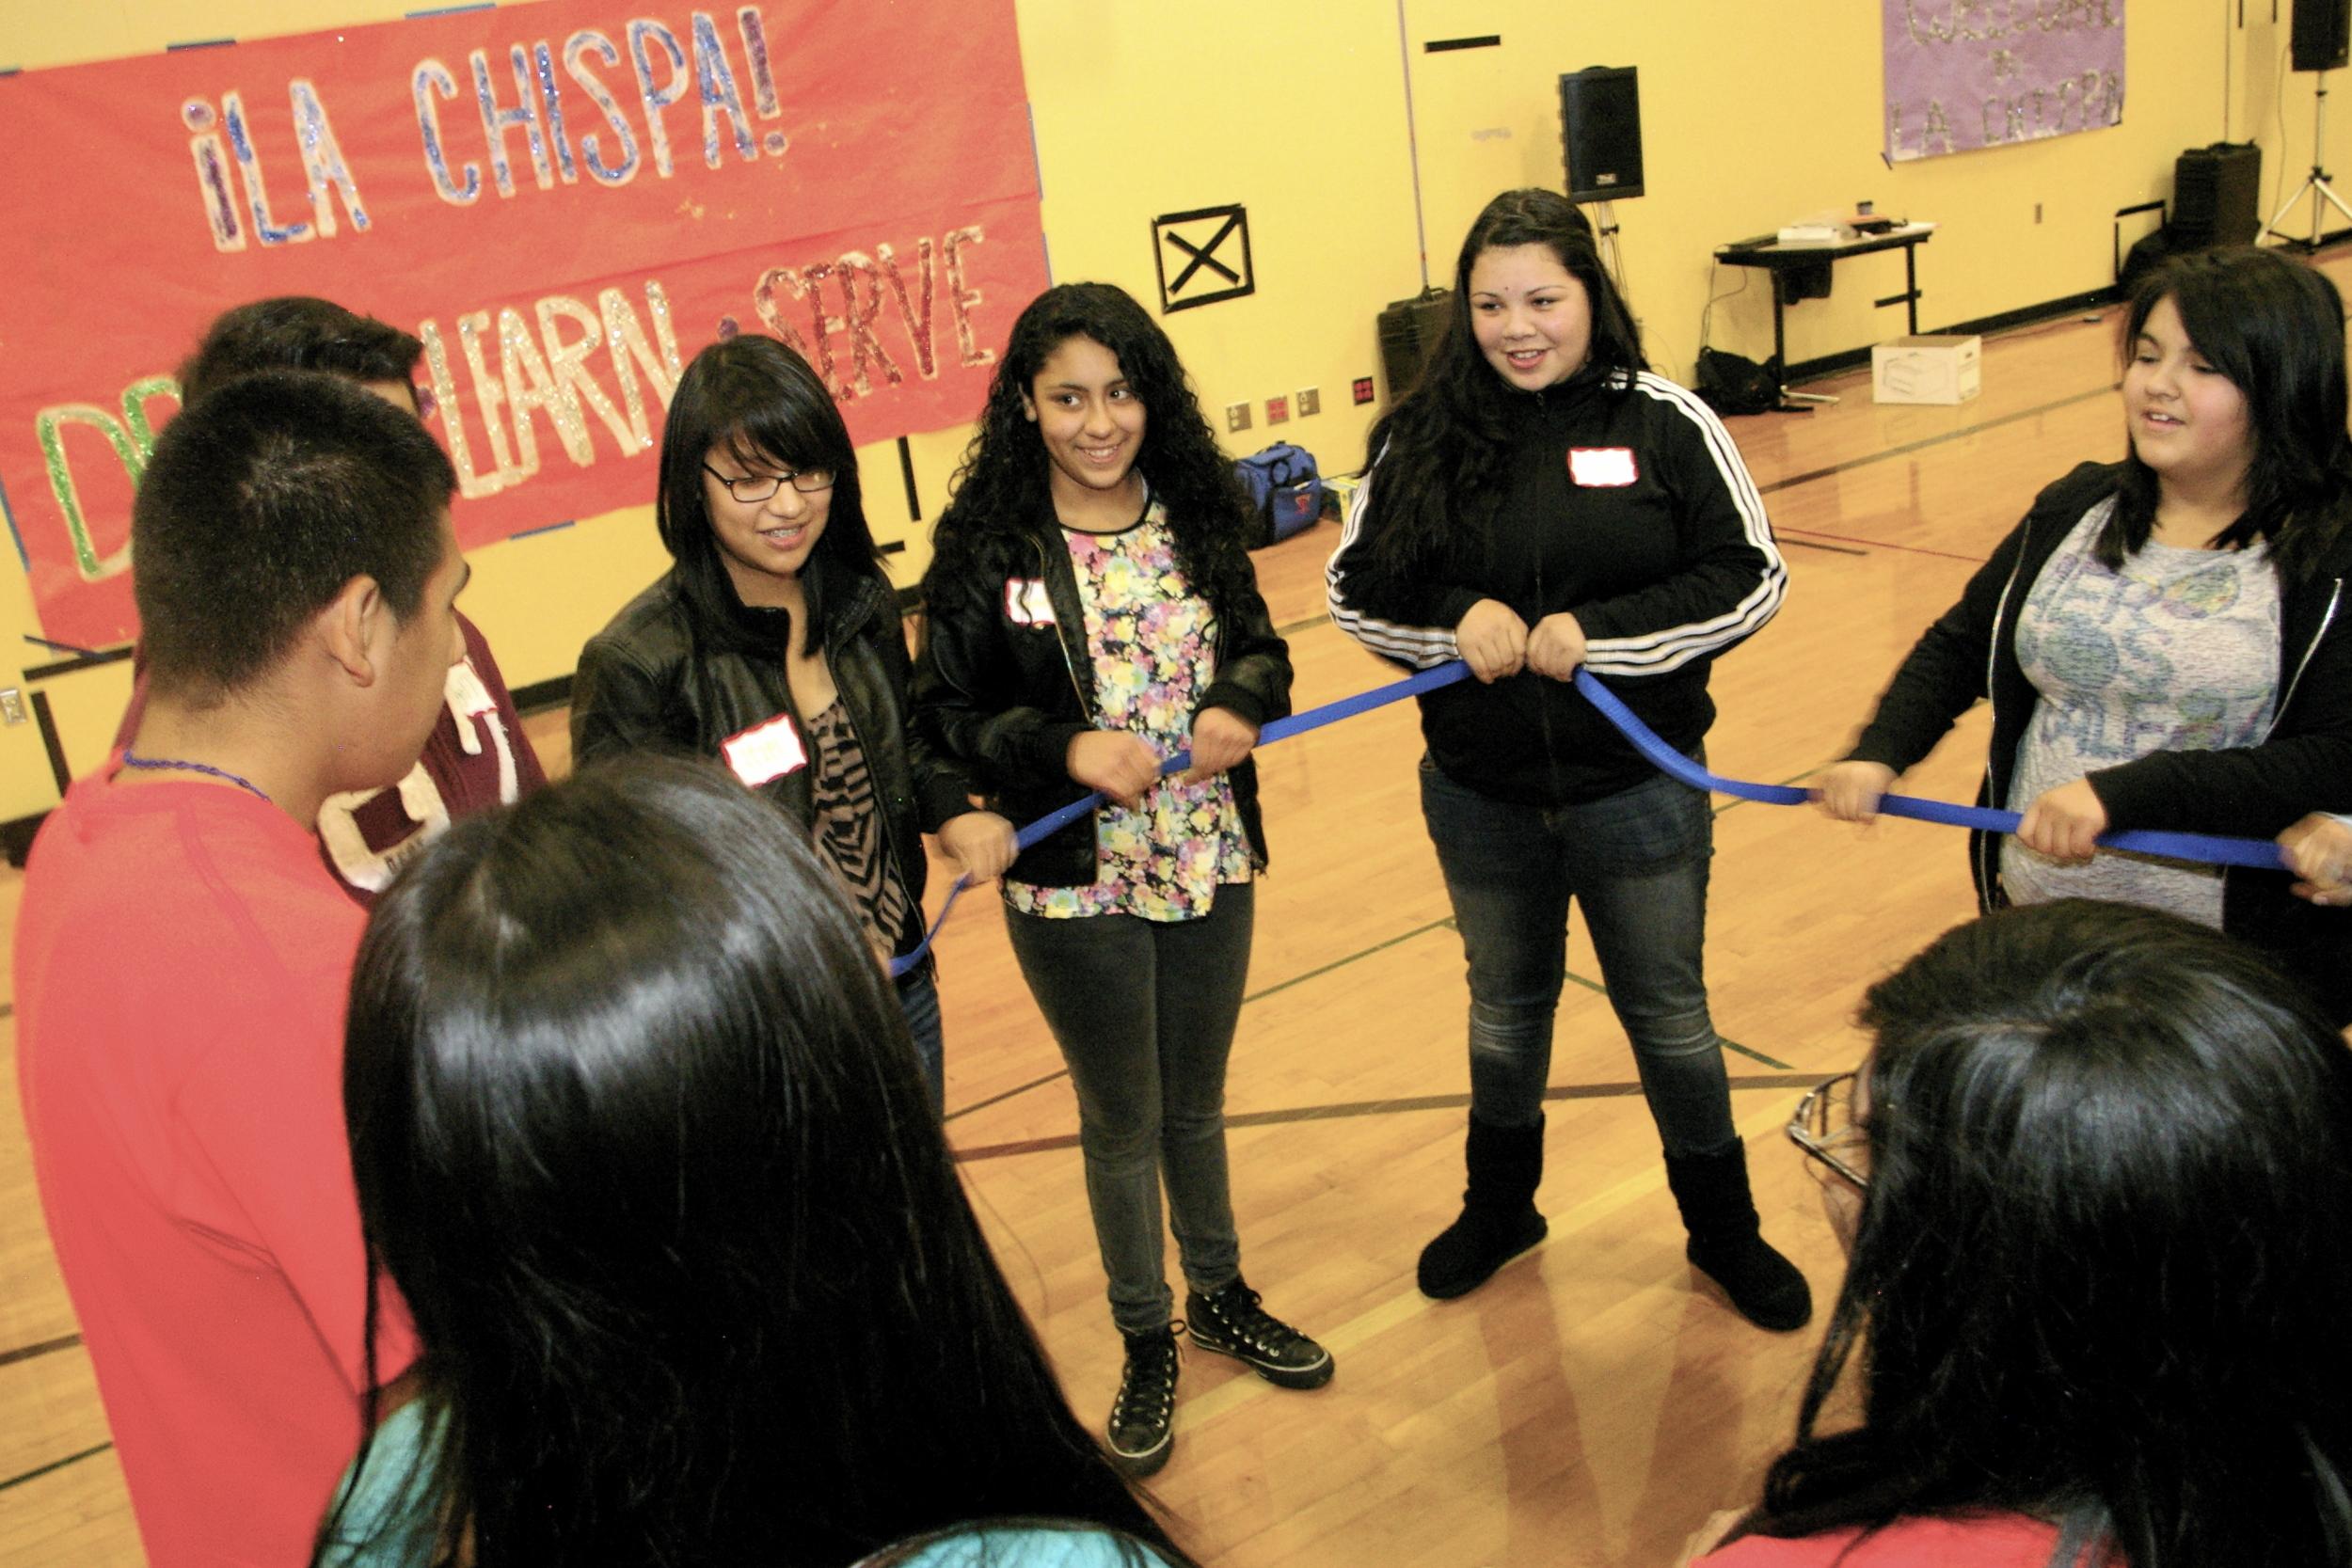 ¡La Chispa! Workshop at Sumner High